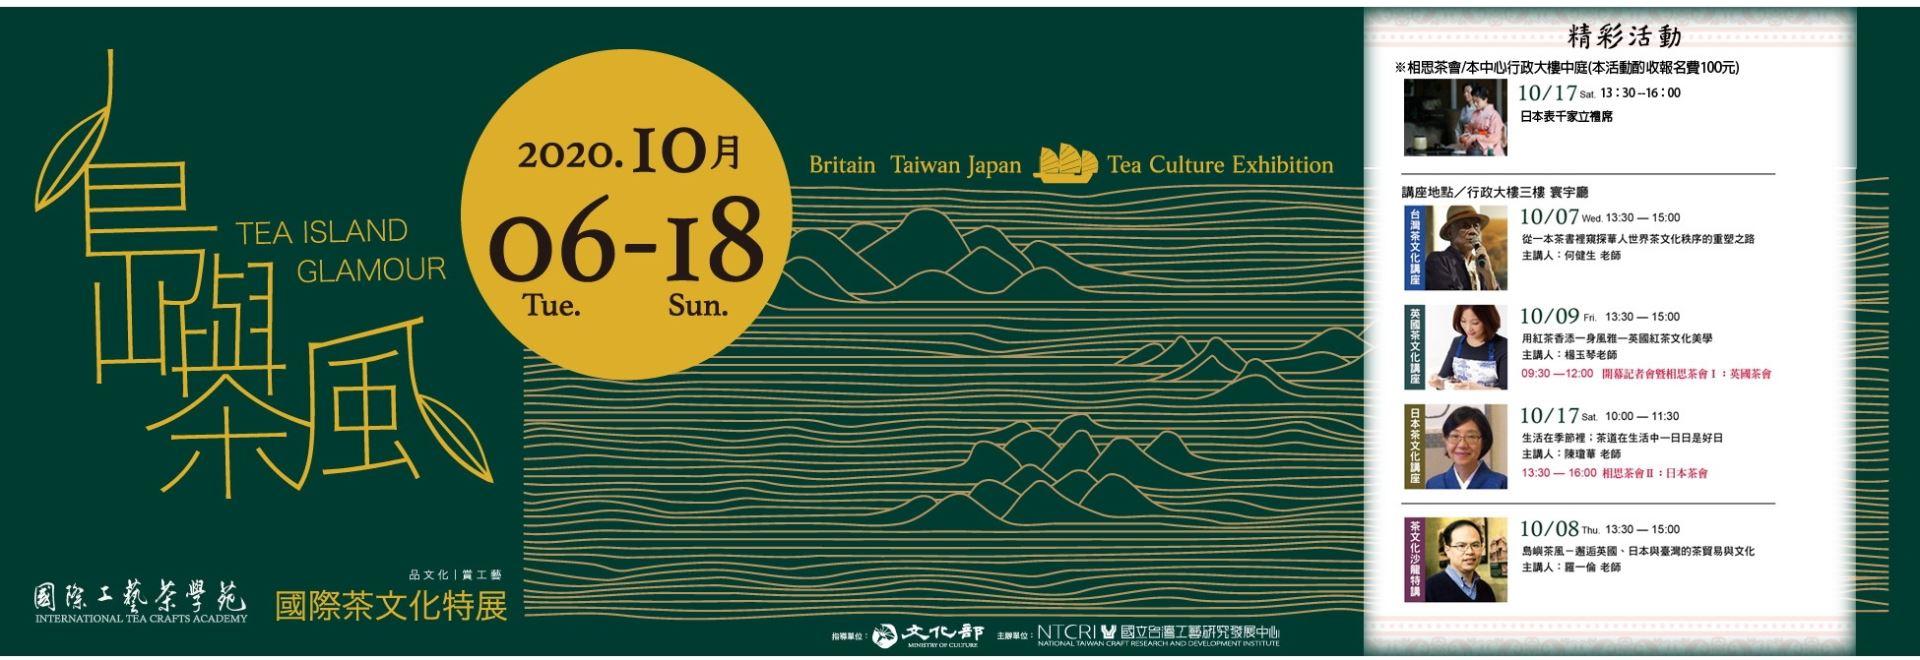 國際茶工藝文化特展—島嶼茶風「另開新視窗」